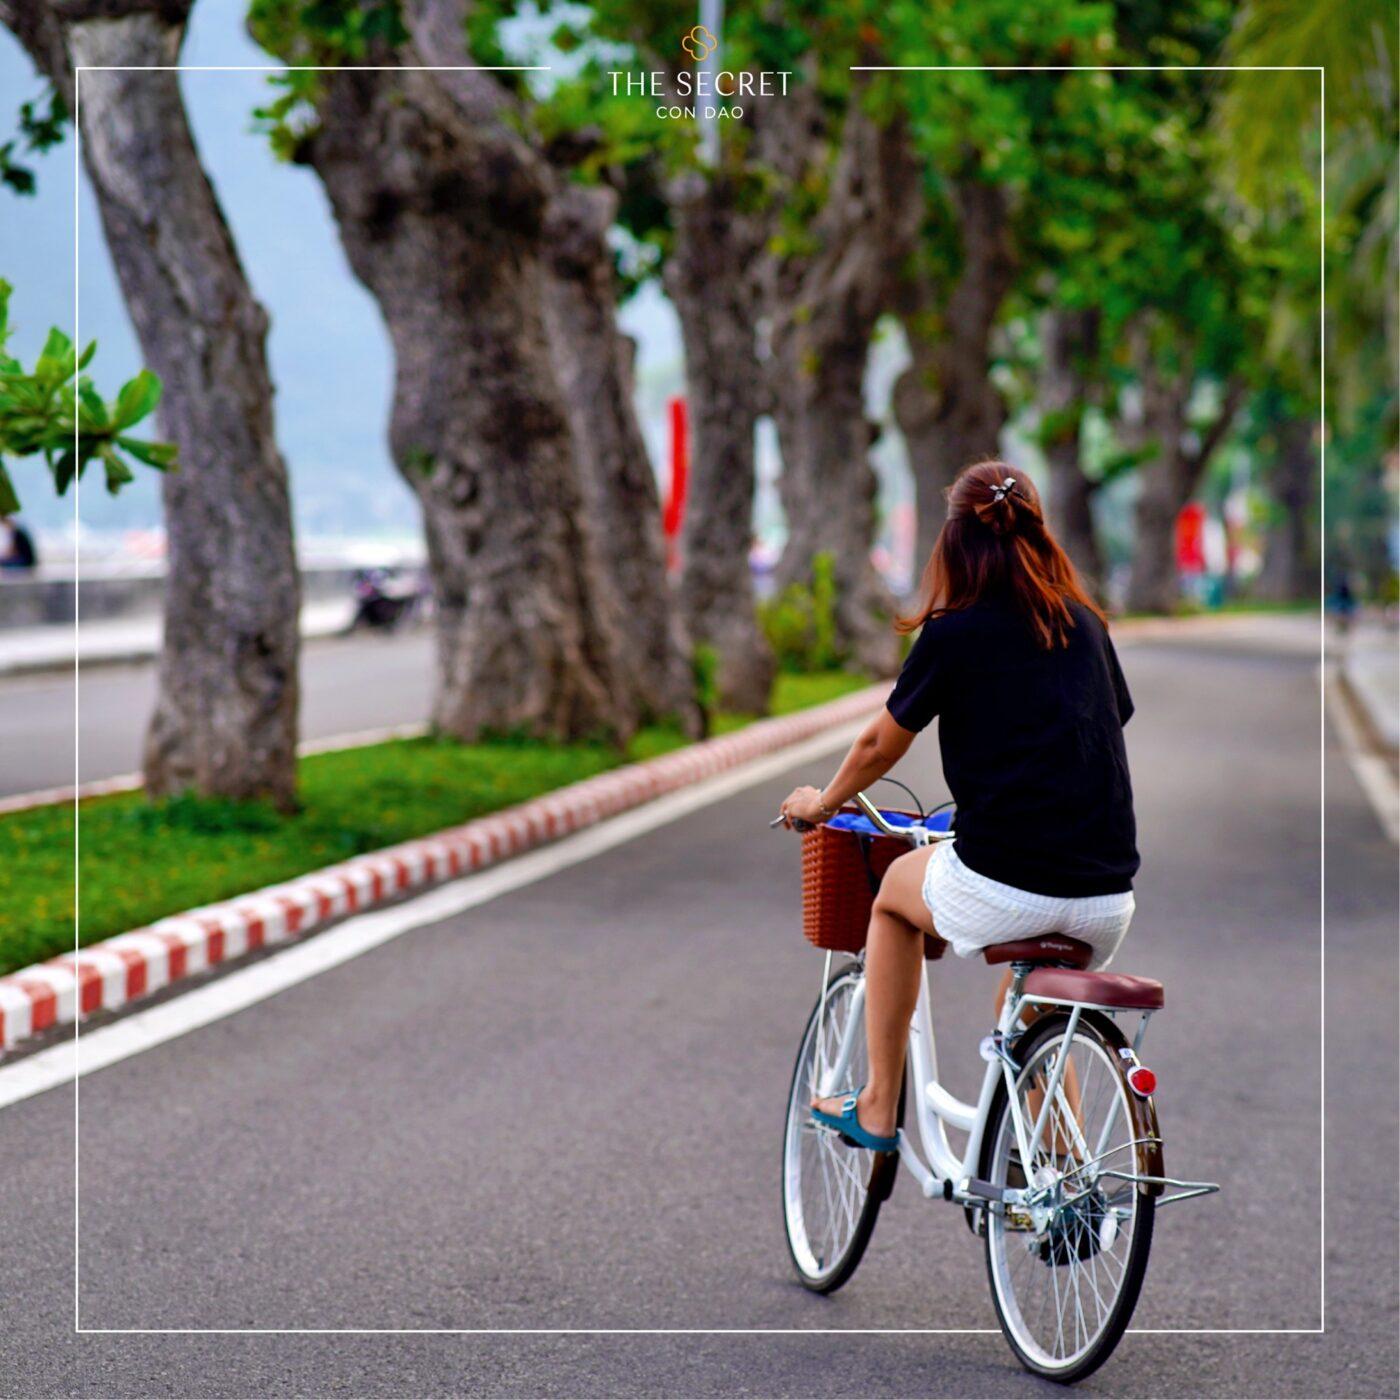 Đạp xe Thống Nhất, khám phá Côn Đảo xịn hết nấc